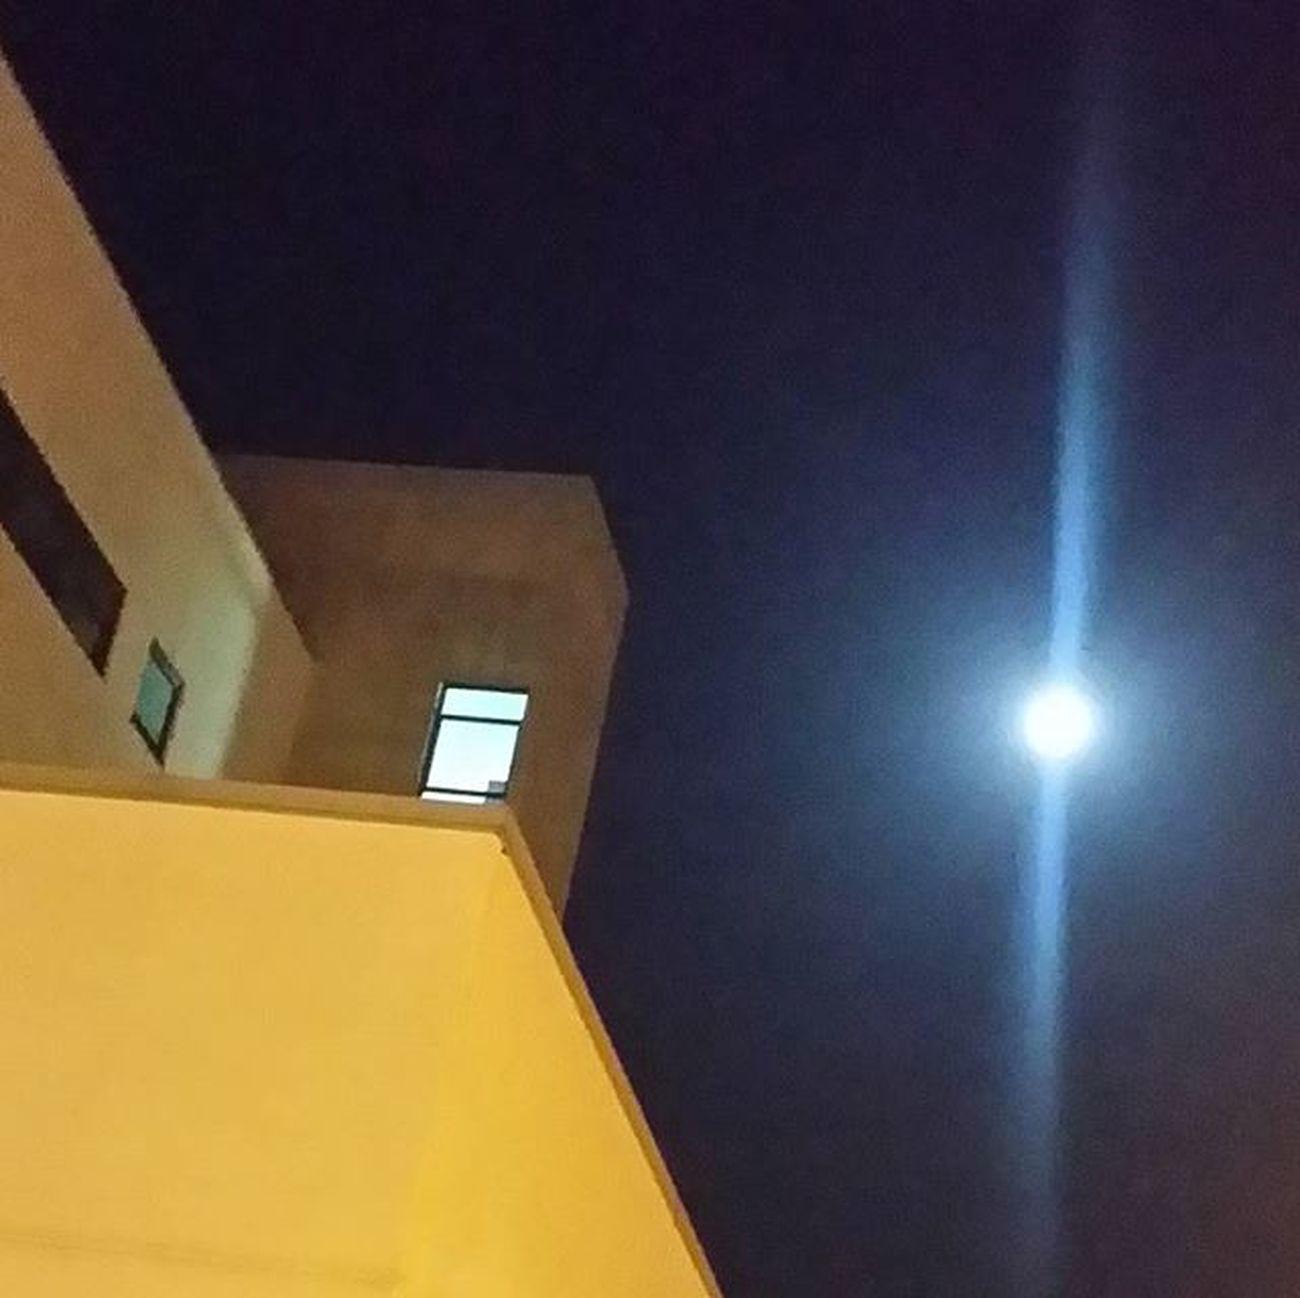 Segunda noche de cinco... Lunalunera Turnodenoche TiGA Vivaelvino Atoestrozo Qvidatete